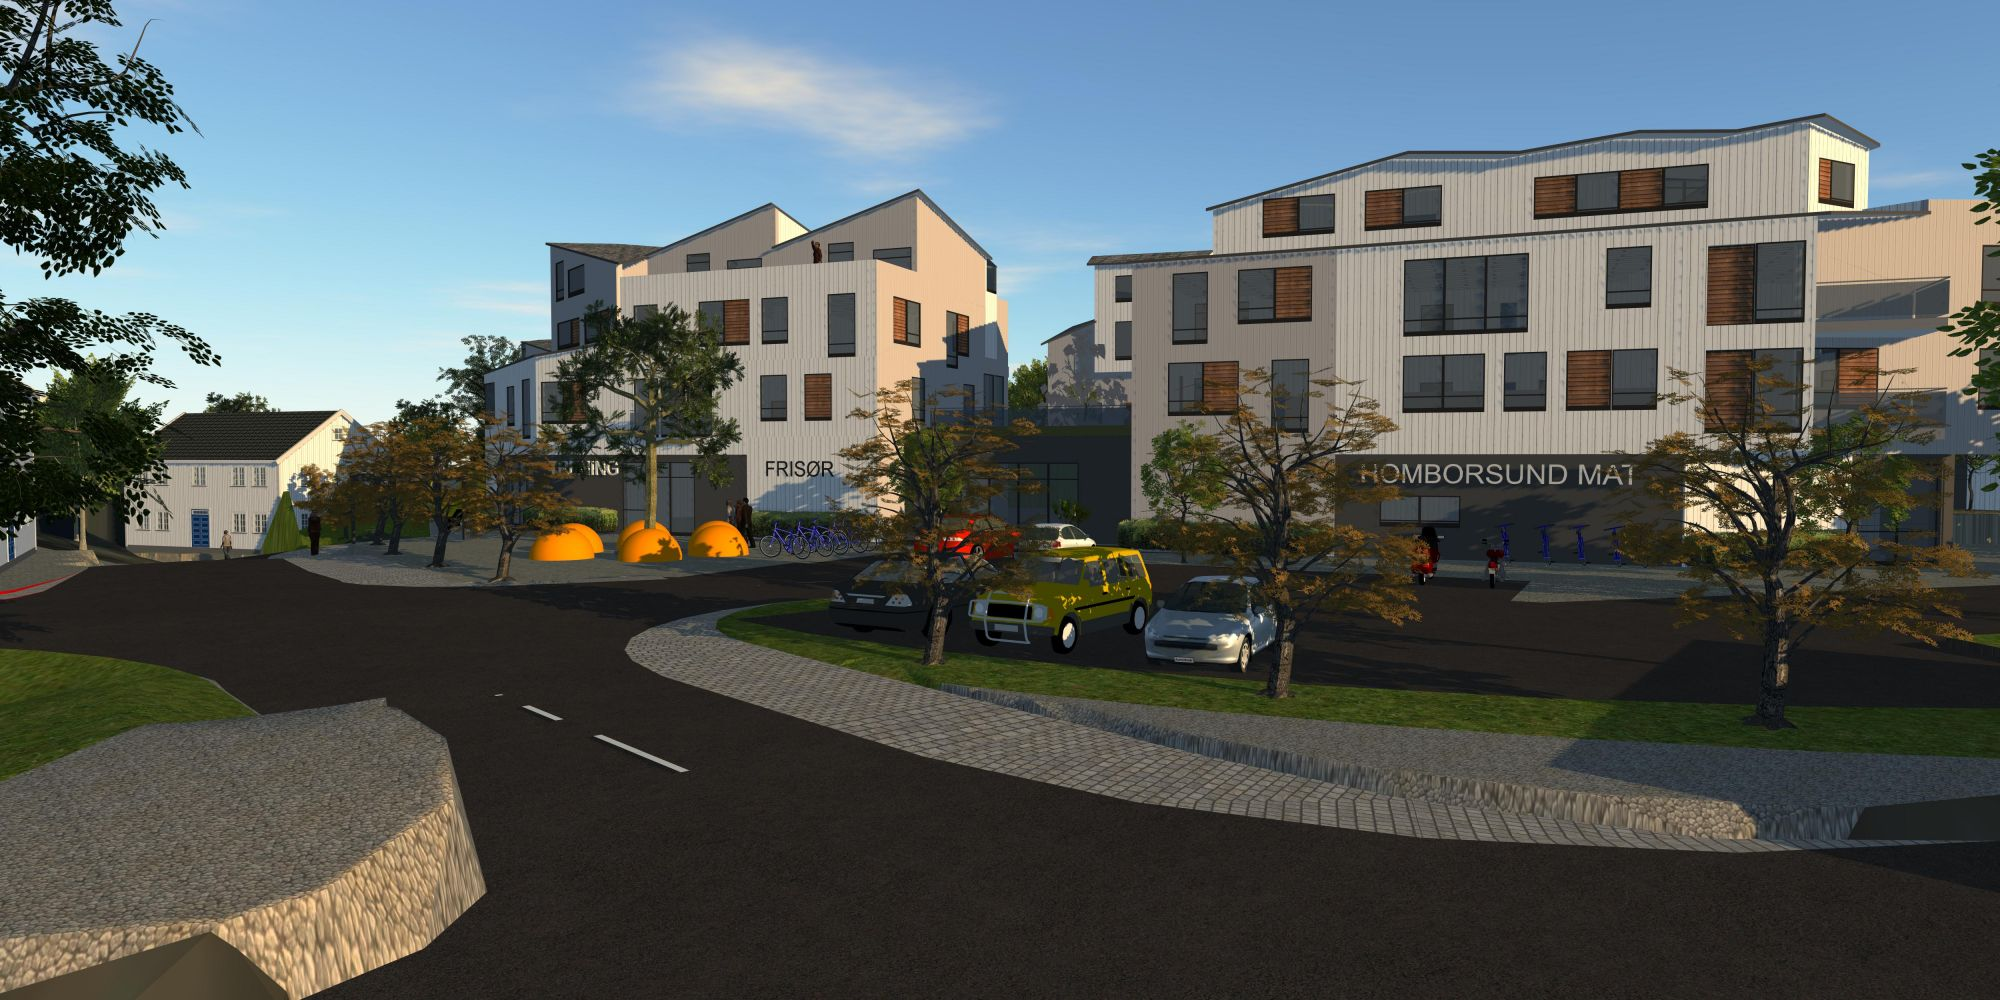 Just Invest - Salg / utleie av hus og leiligheter